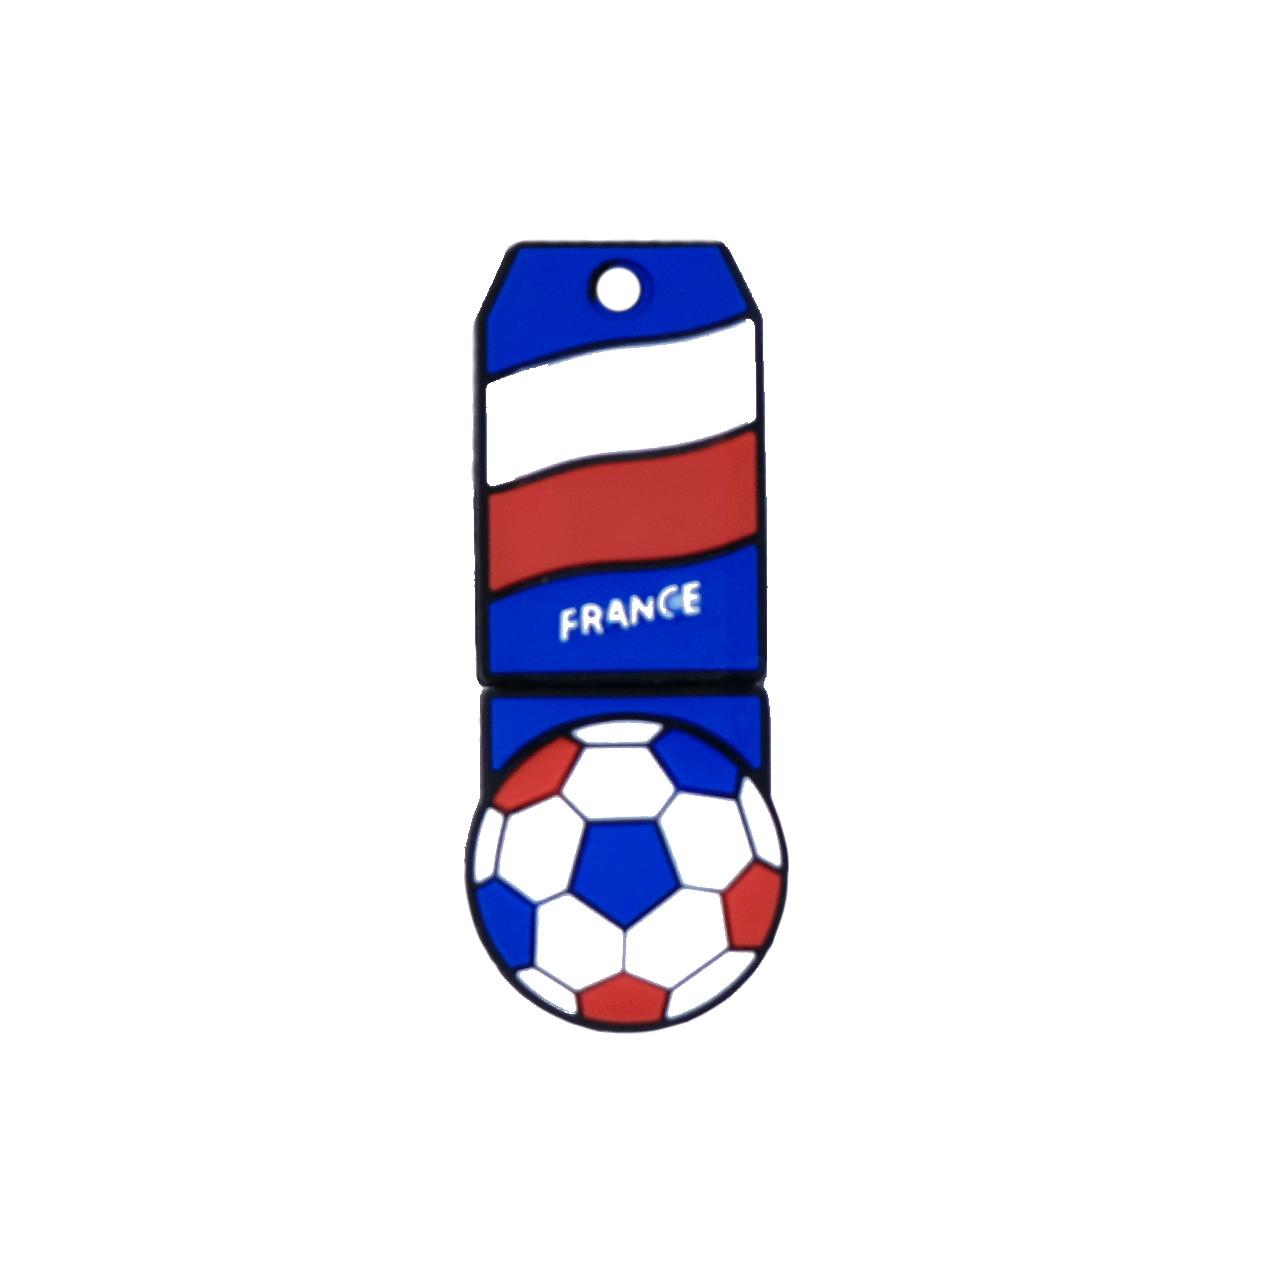 بررسی و {خرید با تخفیف}                                     فلش مموری طرح پرچم فرانسه مدل DPL1128-3-U3 ظرفیت 64 گیگابایت                             اصل